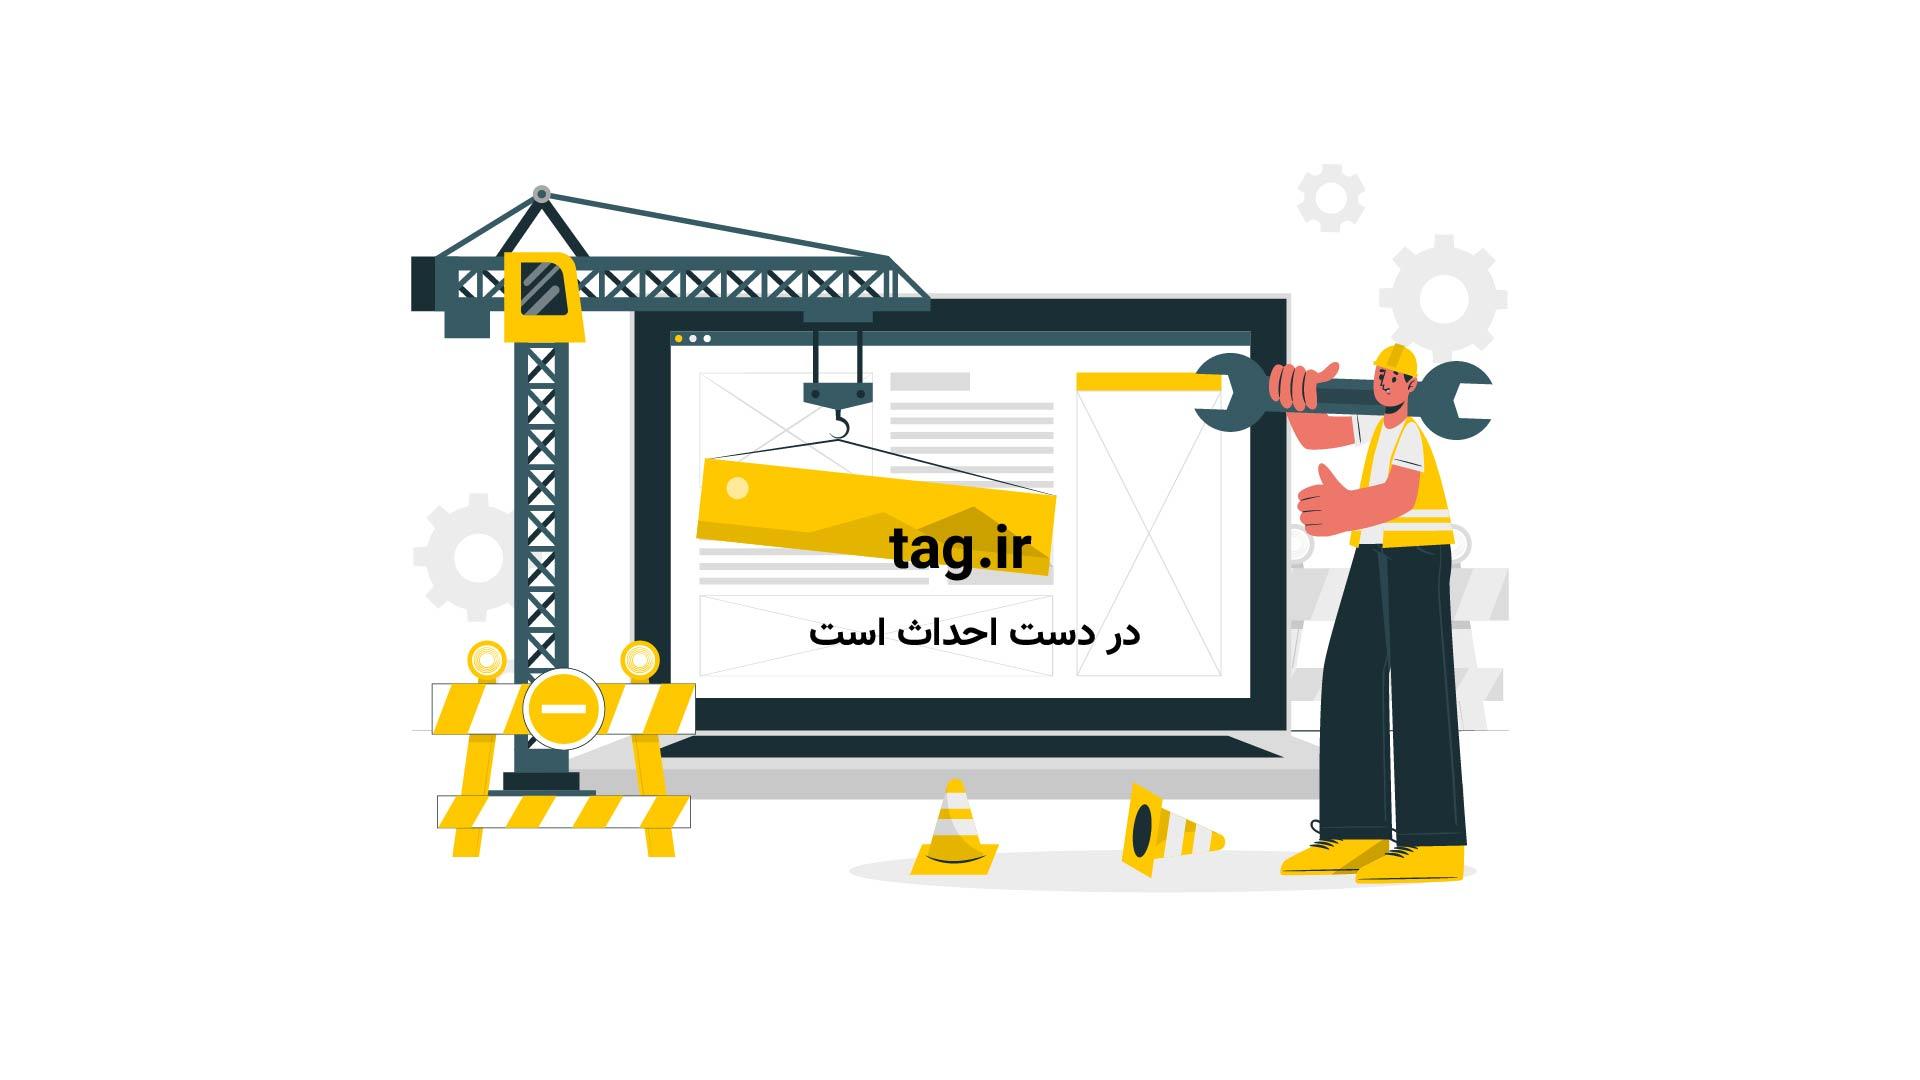 خرس قطبی ماده در جستجوی غذا برای تغذیه تولهاش | فیلم